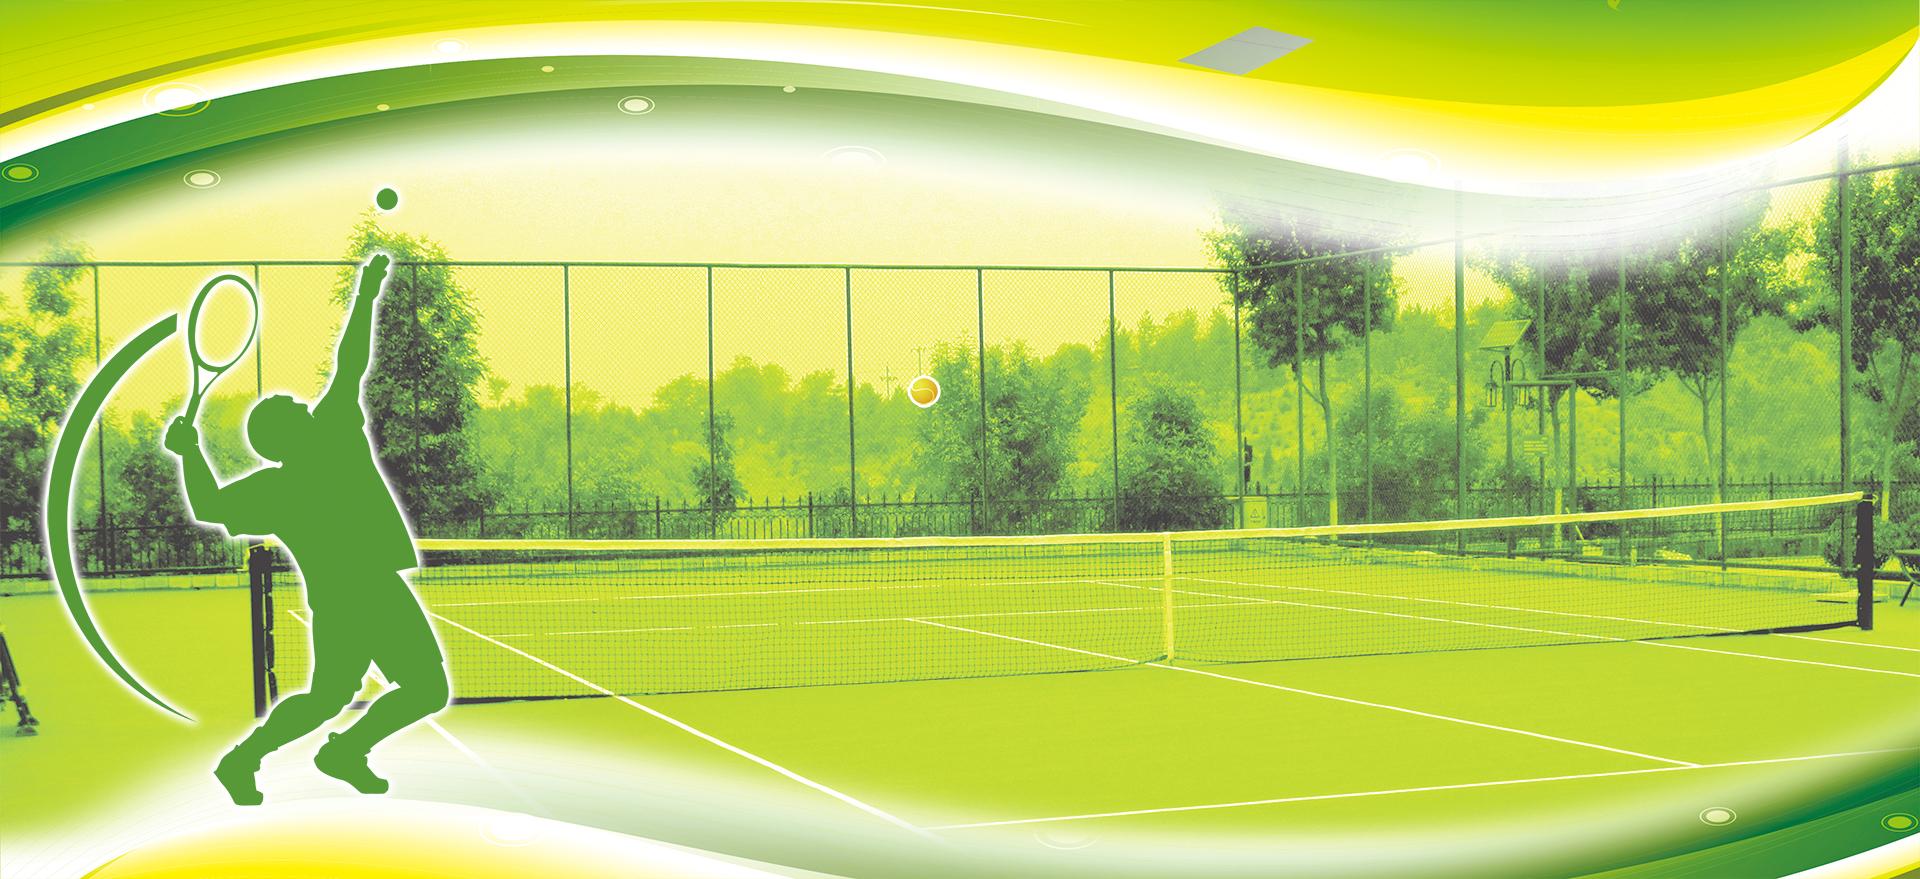 Sport Wallpaper Tennis: Tennis Sports Green Field Background, Tennis Player, Grass